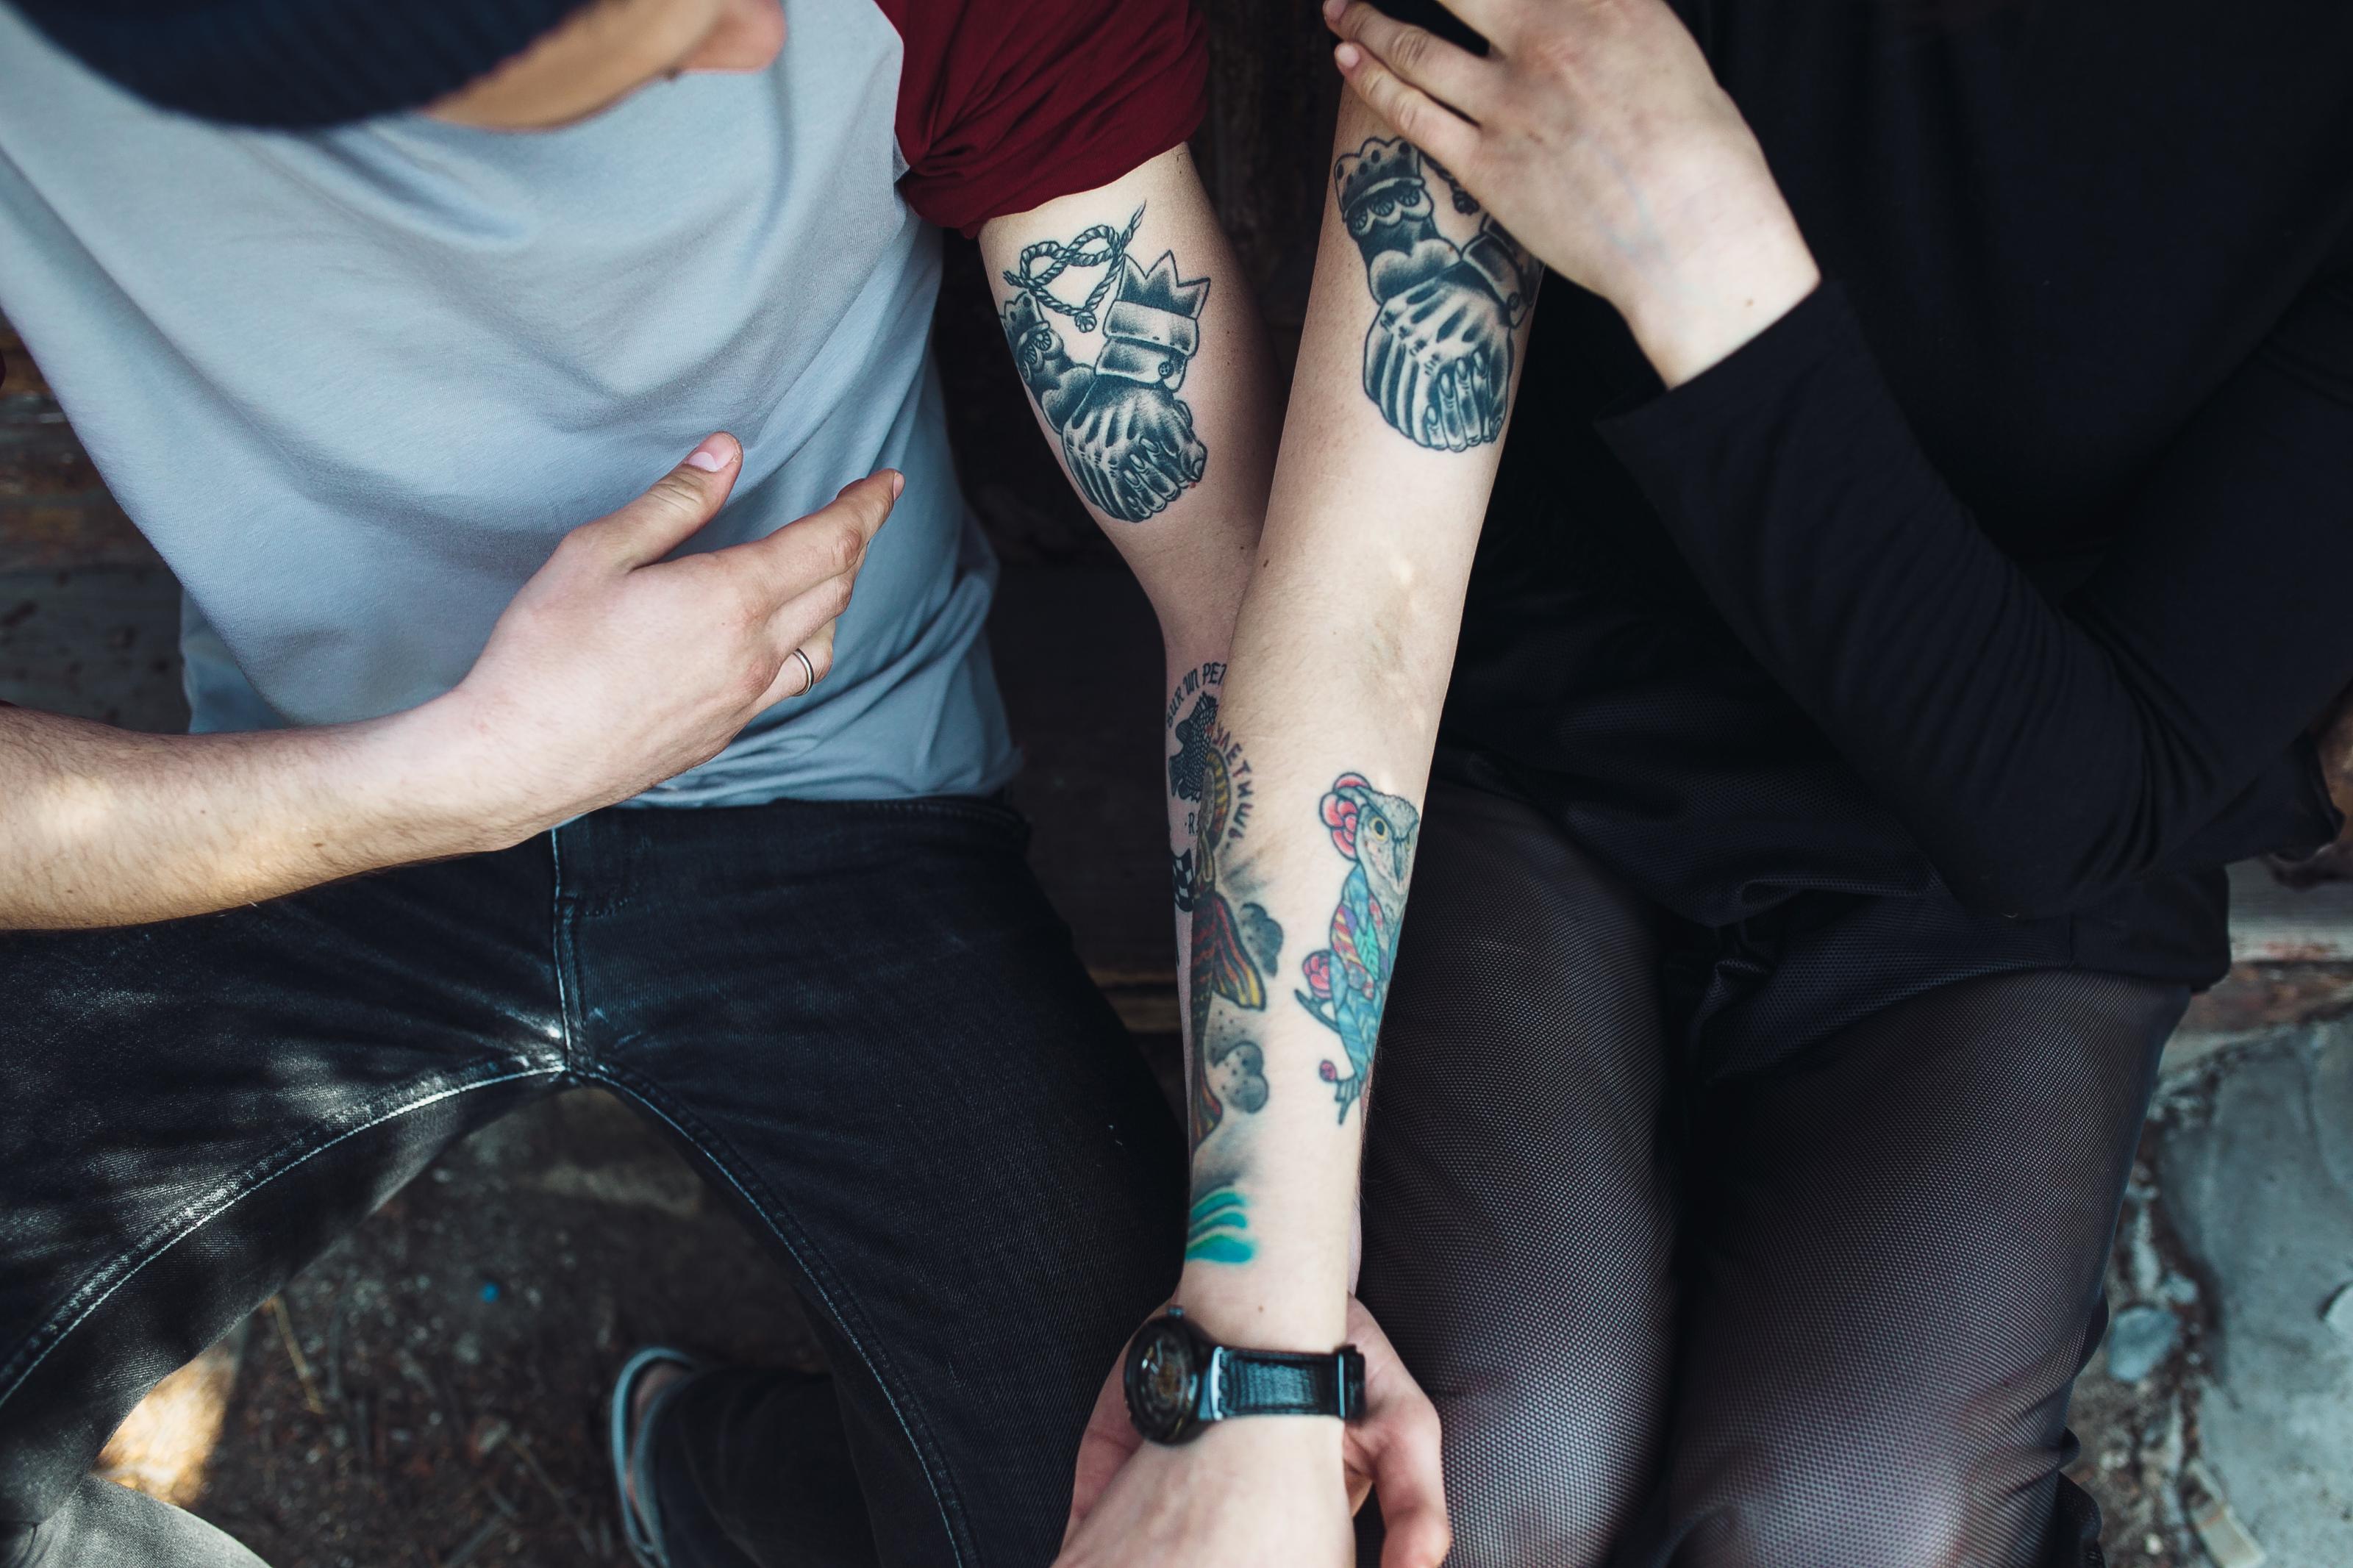 Modny tatuaż – jak zmieniają się trendy?